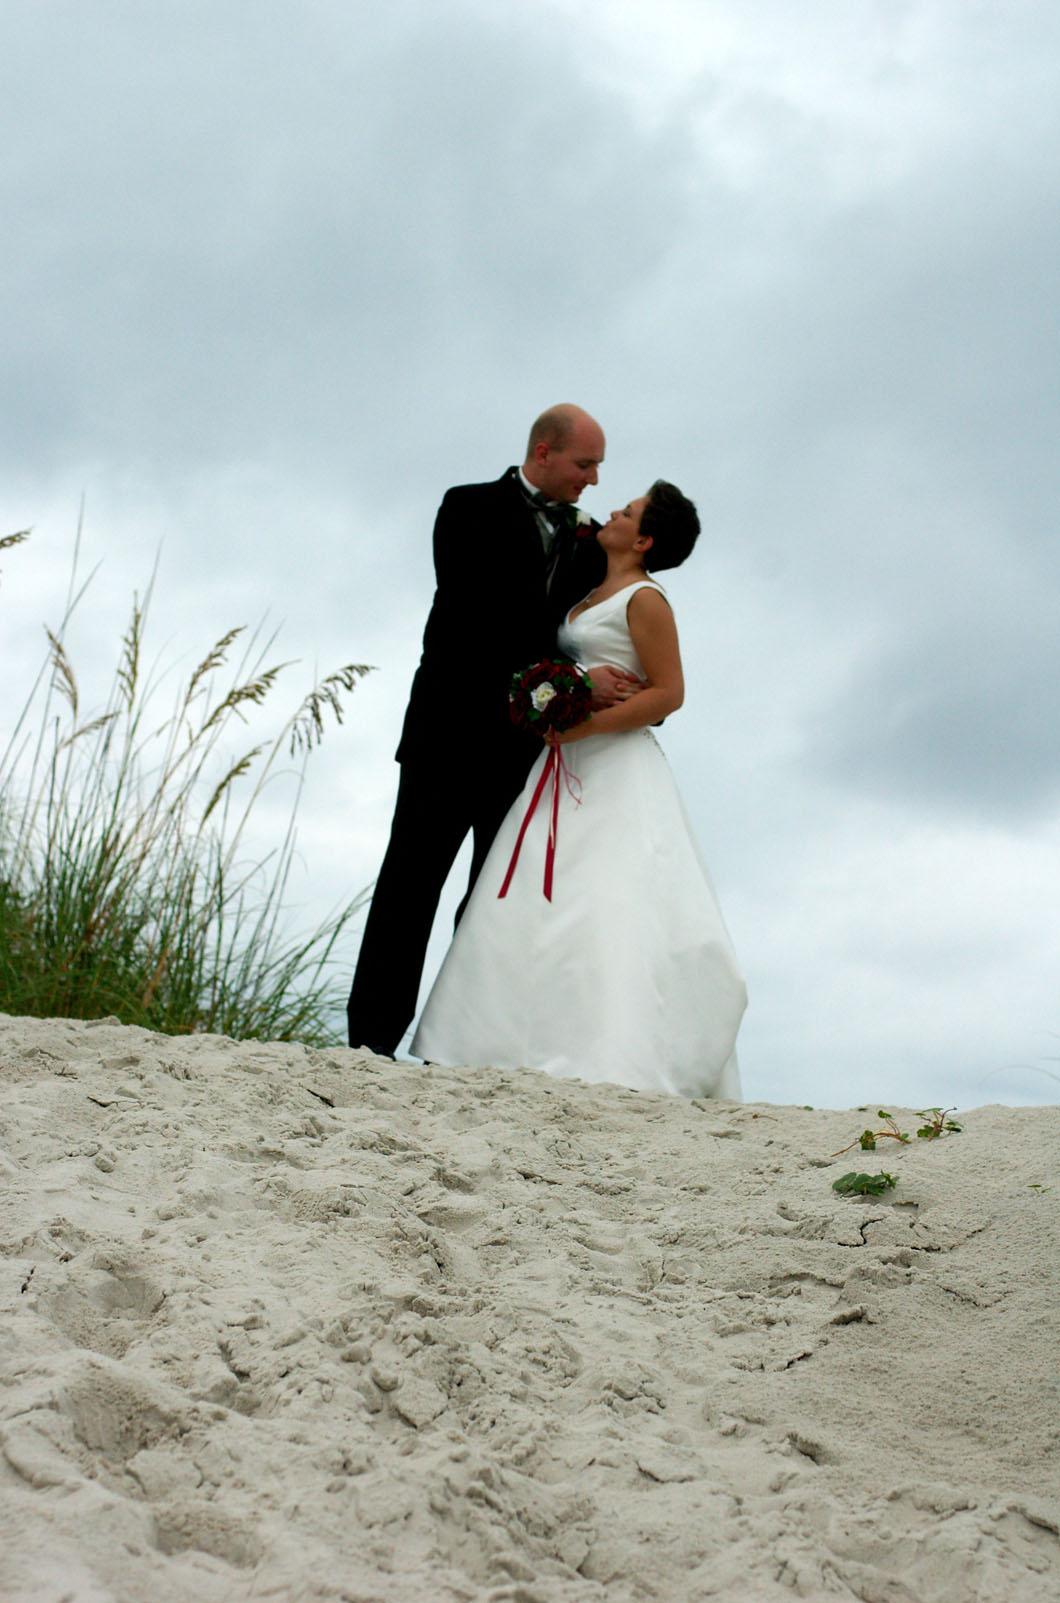 fotograf bröllop (5)